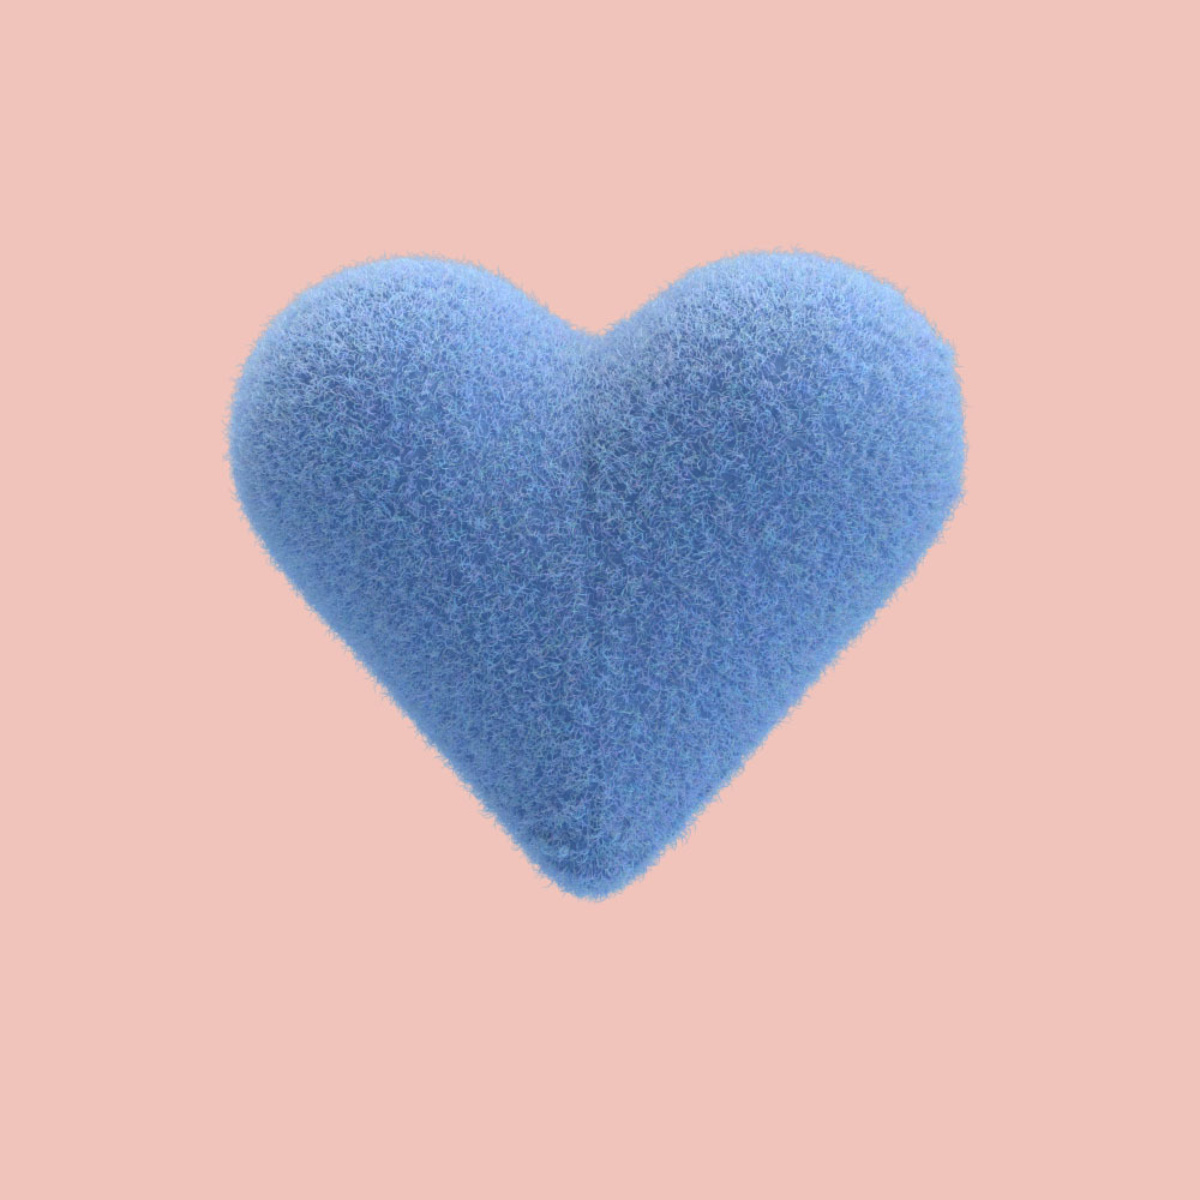 EyeBuy_14DayReturns_Elements_Blue_Heart.jpg